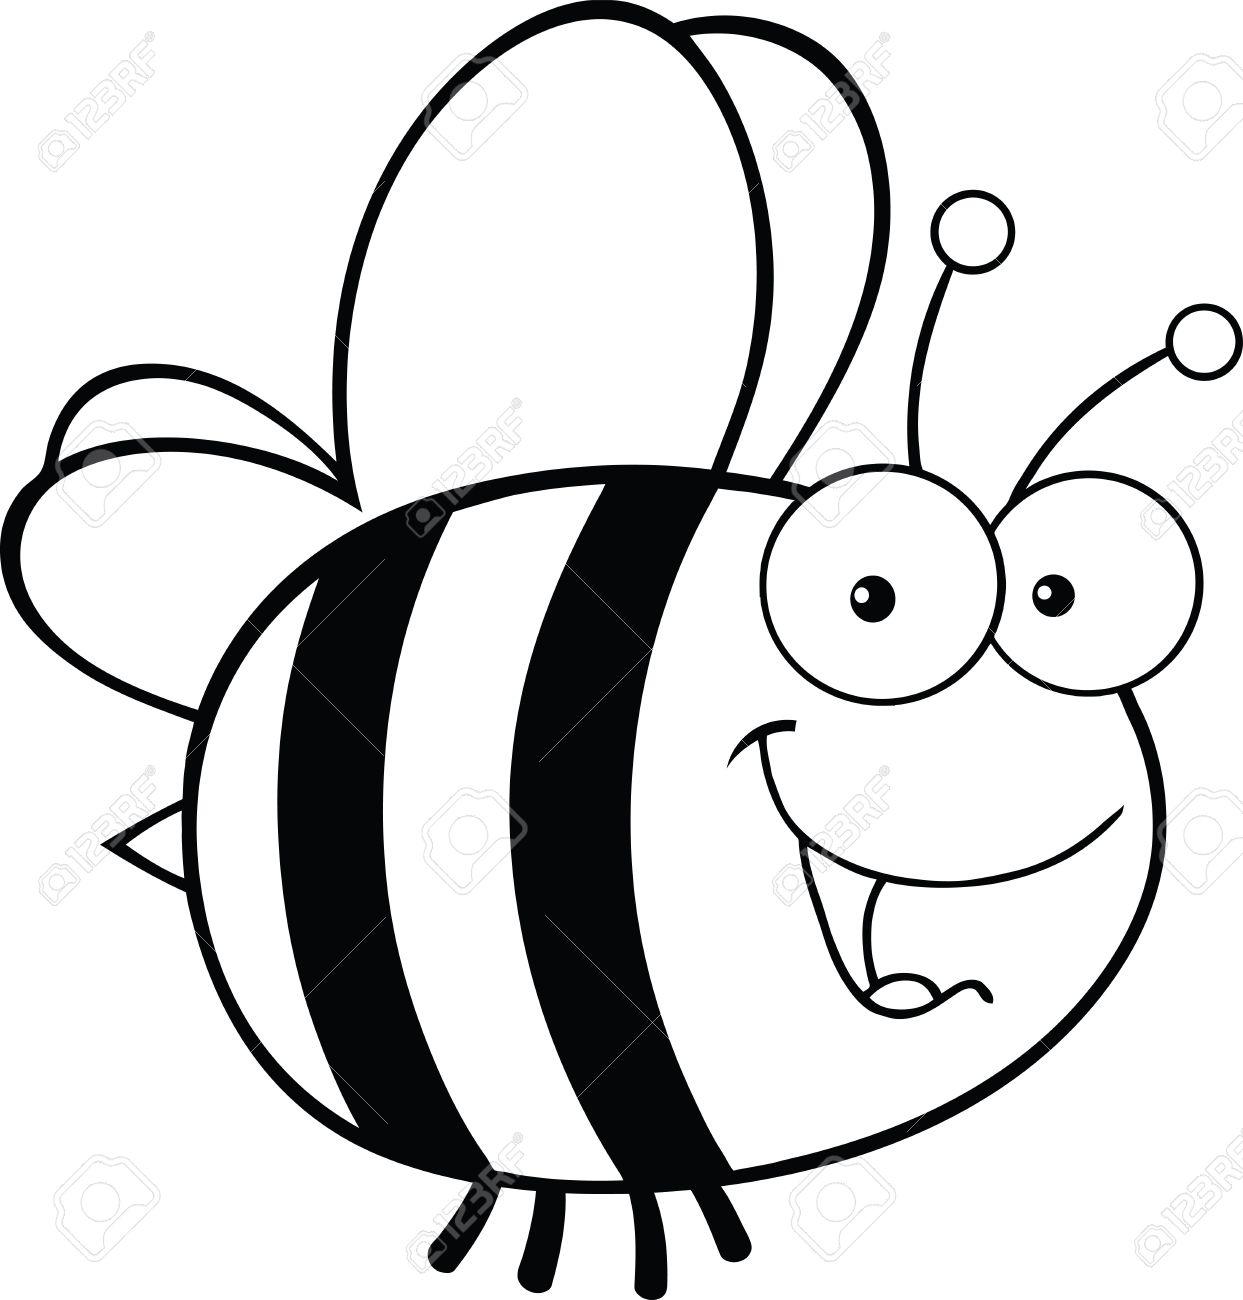 Biene clipart schwarz.